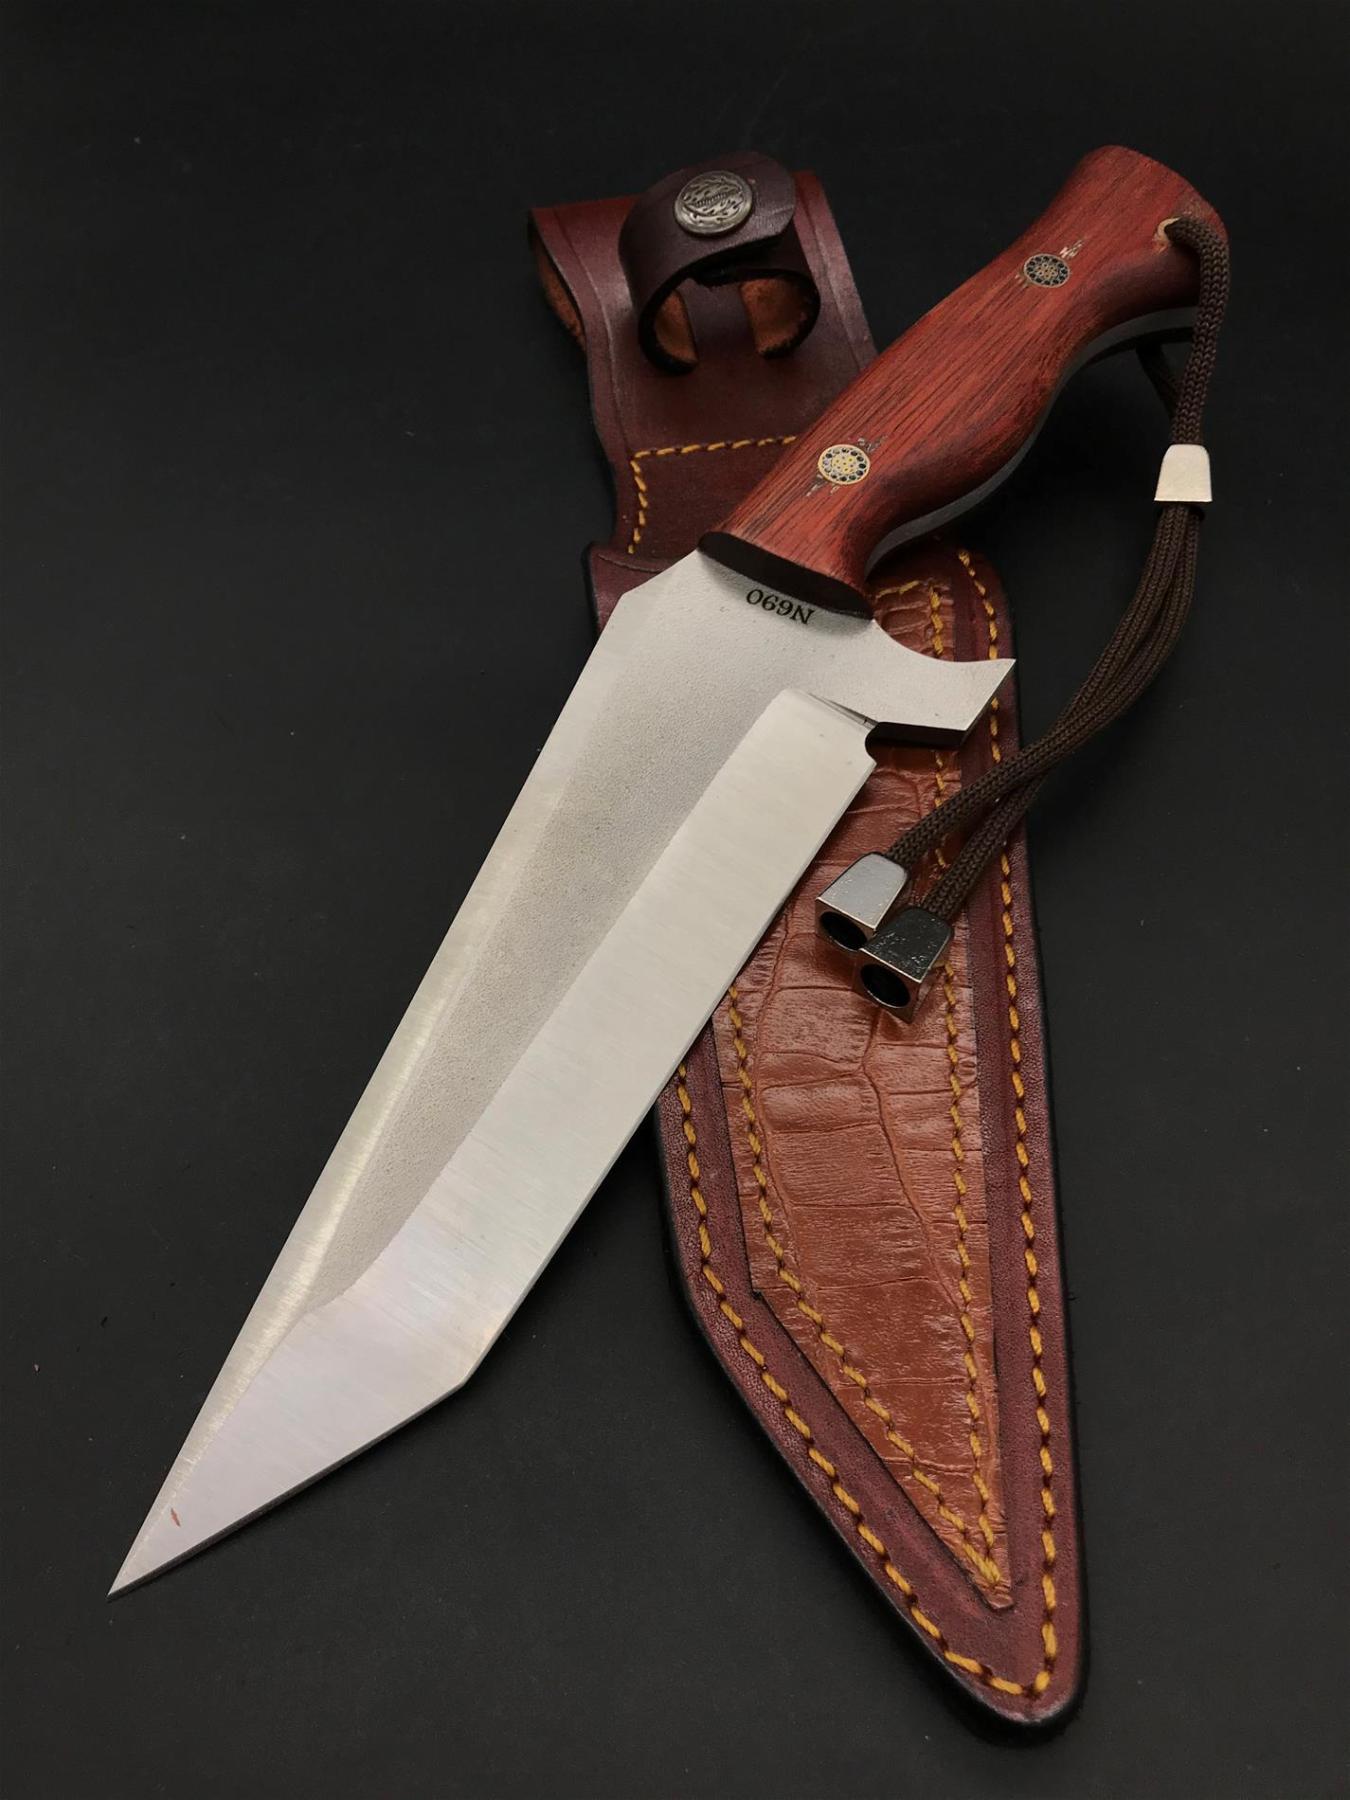 BOHLER N690 Camping Knife BB107-3